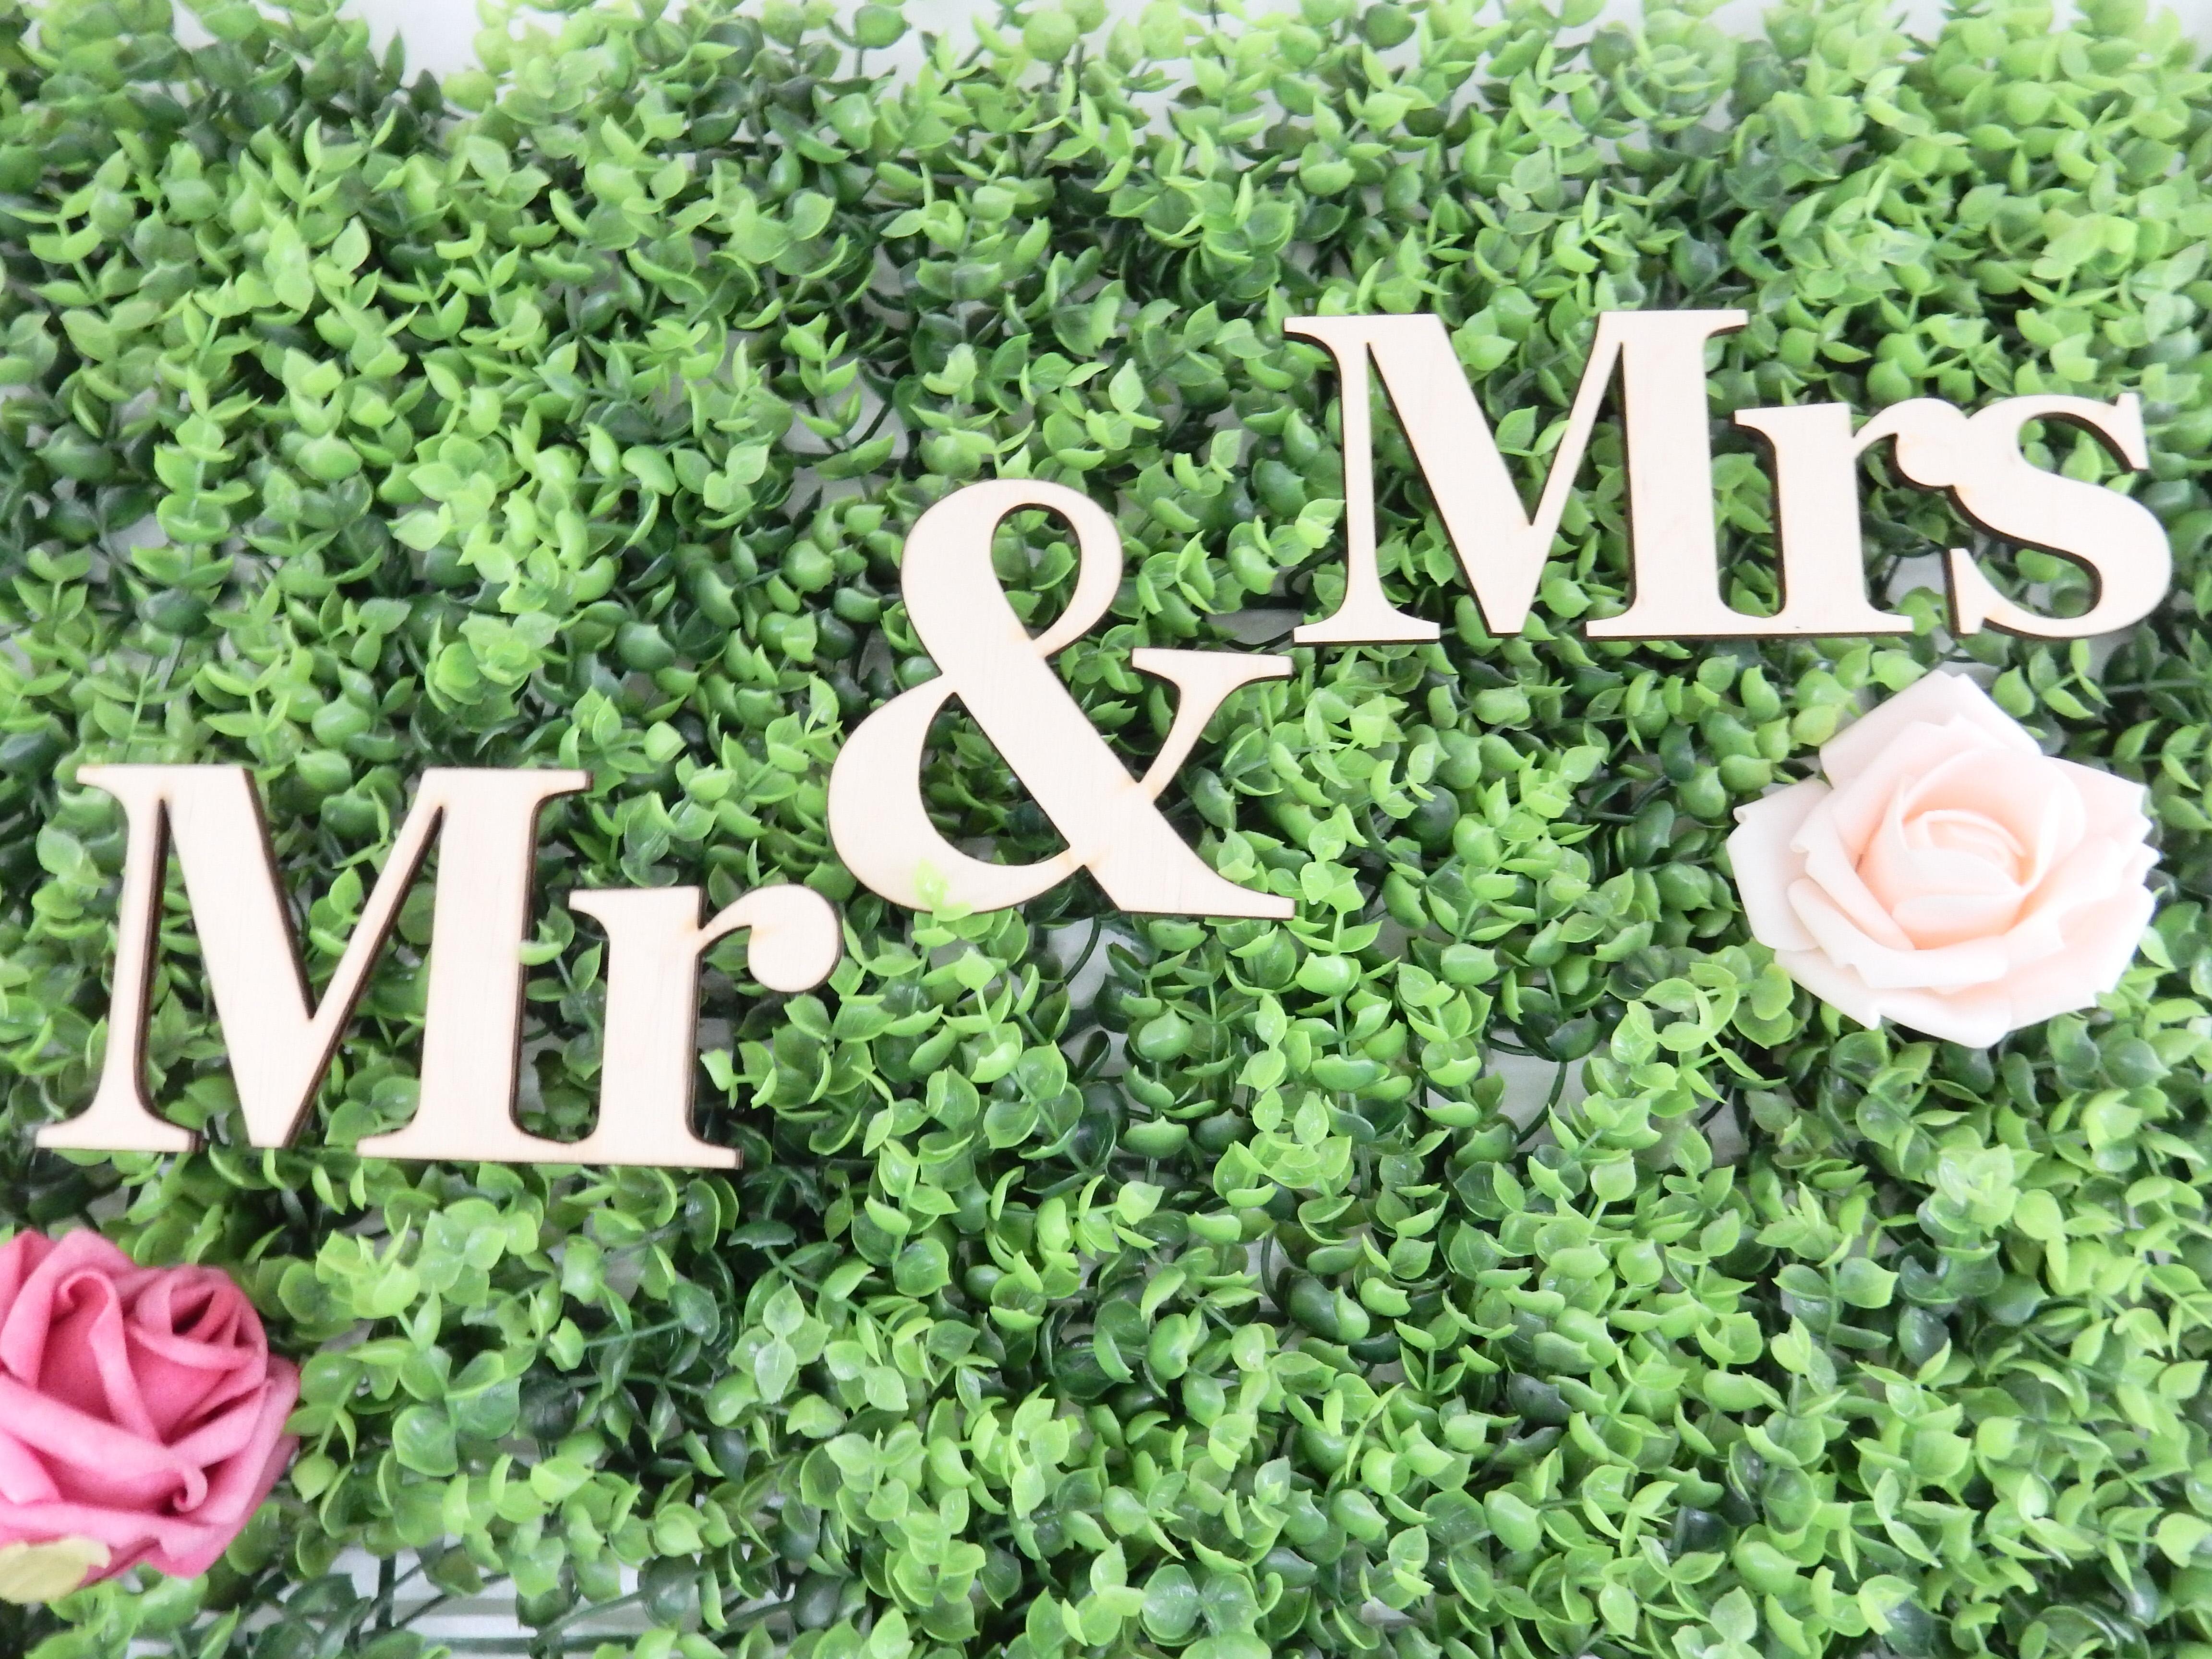 Лек и функционален вариант на надписа Mr & Mrs. Идеален като семпъл акцент към декорацията на младоженската маса, надписа би могъл да бъде декор към вашата сватбена фотосесия или каквато друга оригинална идея ви хрумне. Декорация, която ще остане скъп спомен и ще краси вашия дом. Може да ги използвате по много начини, ние сме насреща ако имате нужда от помощ при реализирането на вашите идеи. Предлагат се в два варианта - изработени от брезов шперплат( дебелина 4мм) или от МДФ с бял фурнир( дебелина 3мм). Mr: дължина 13 см; височина- голяма буква: 7см; малка буква: 5см Mrs : дулжина 17 см; височина- голяма буква:6,5см; малка буква: 4,5см Знак & - 8.5 x 8.7 см.